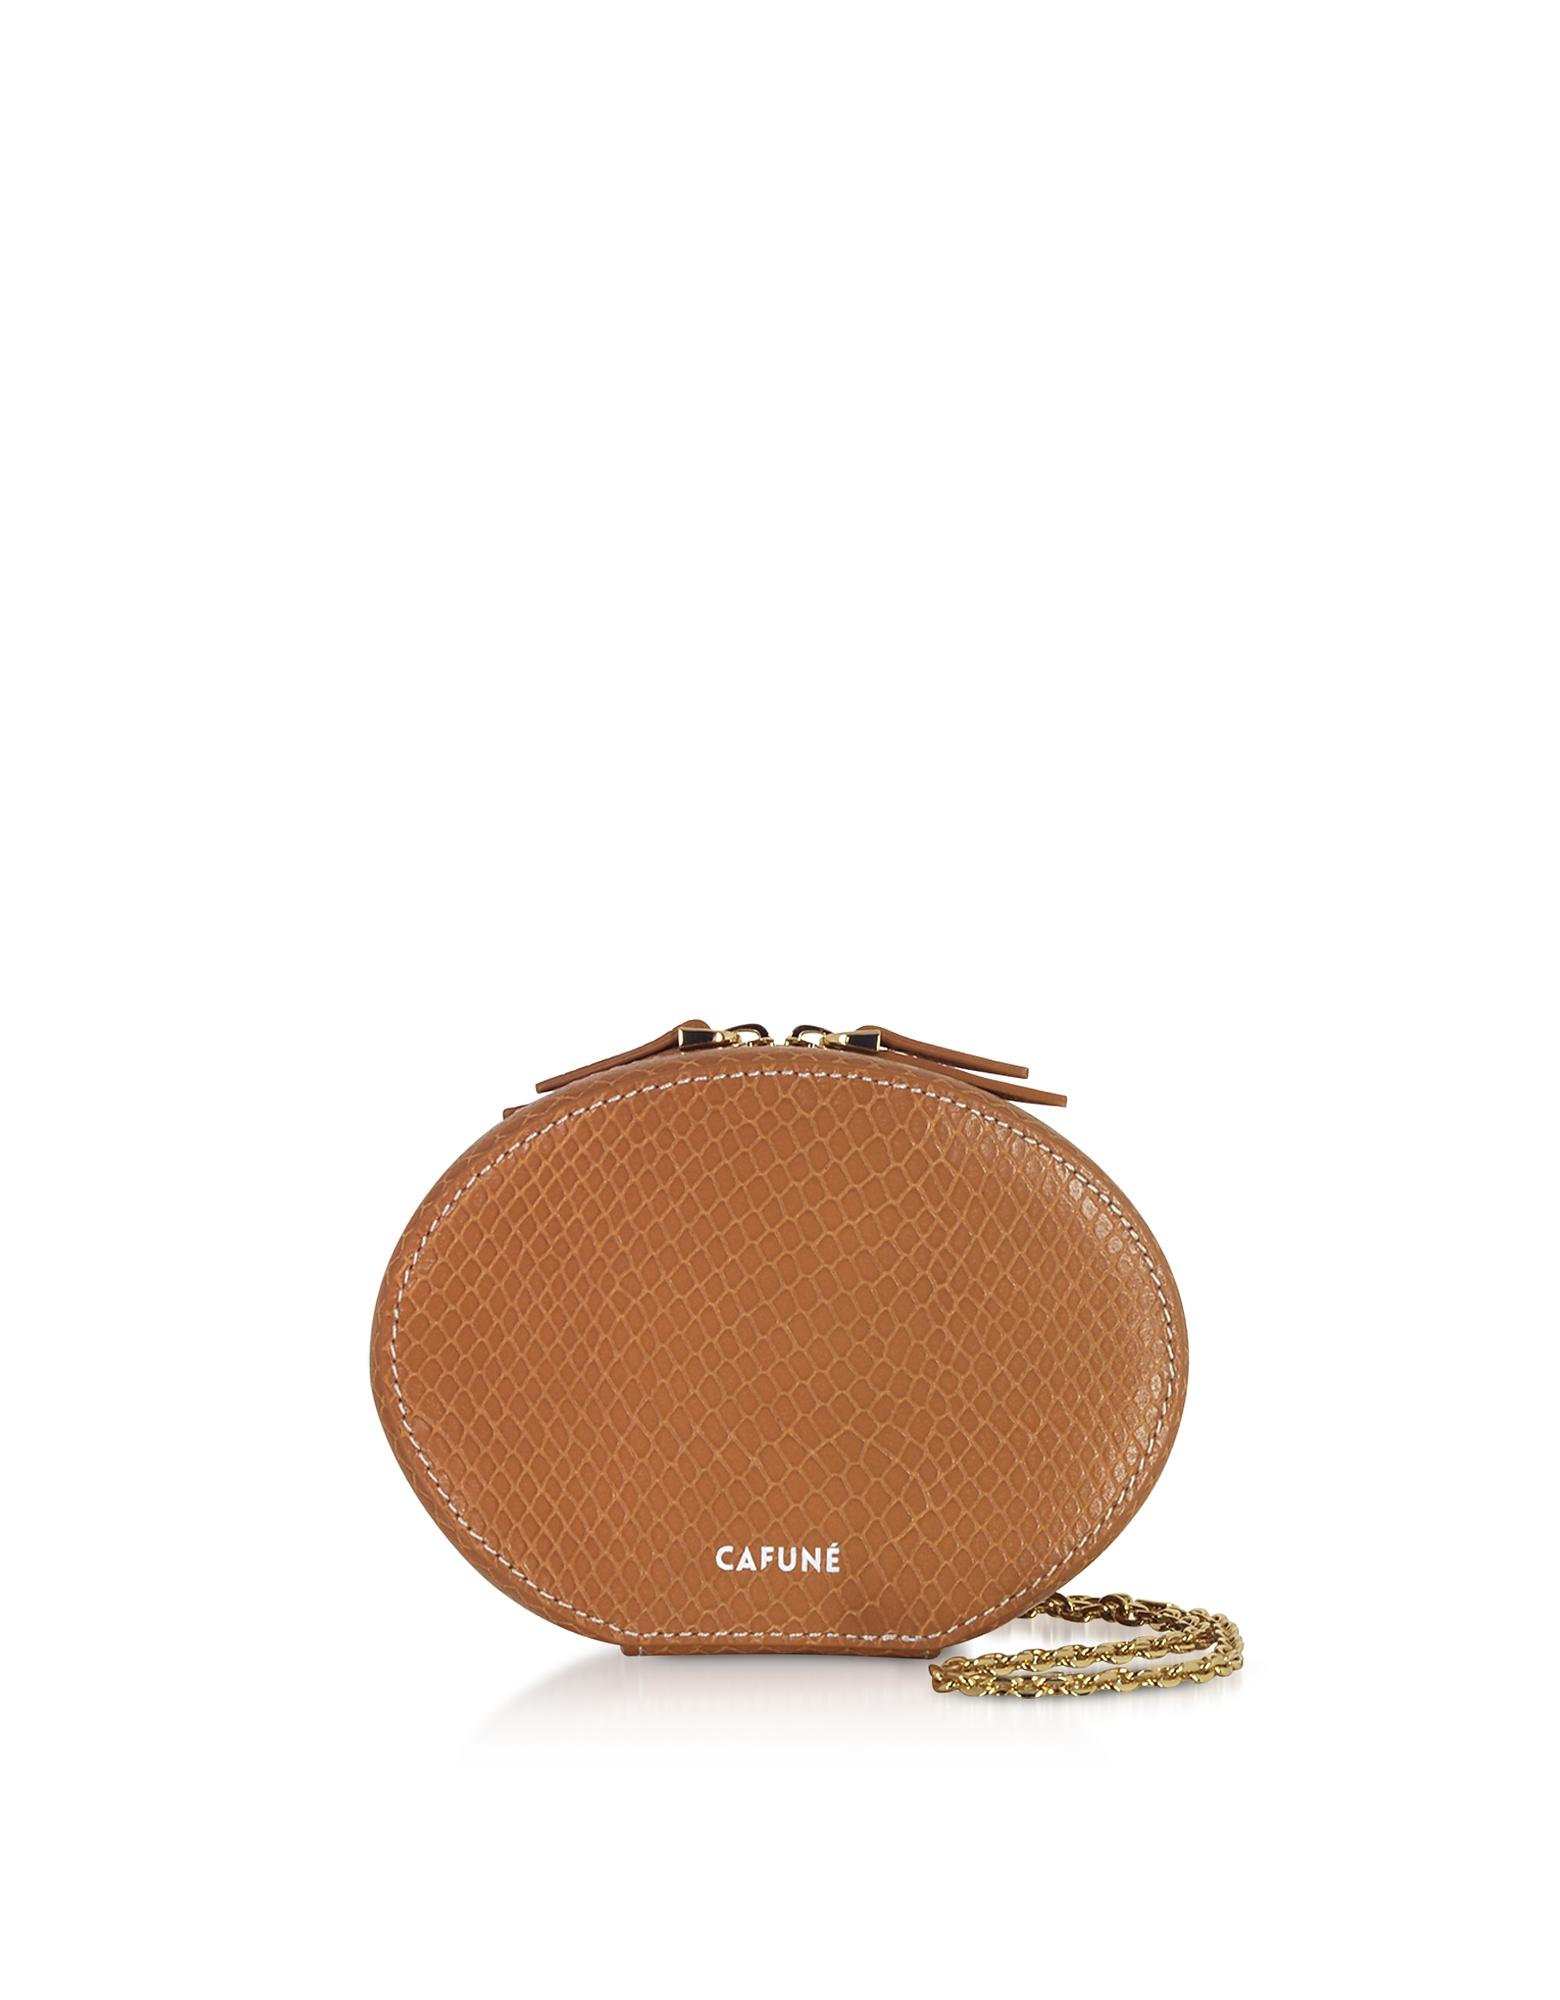 Cafuné Designer Handbags, Caramel Leather Egg Chain Shoulder Bag